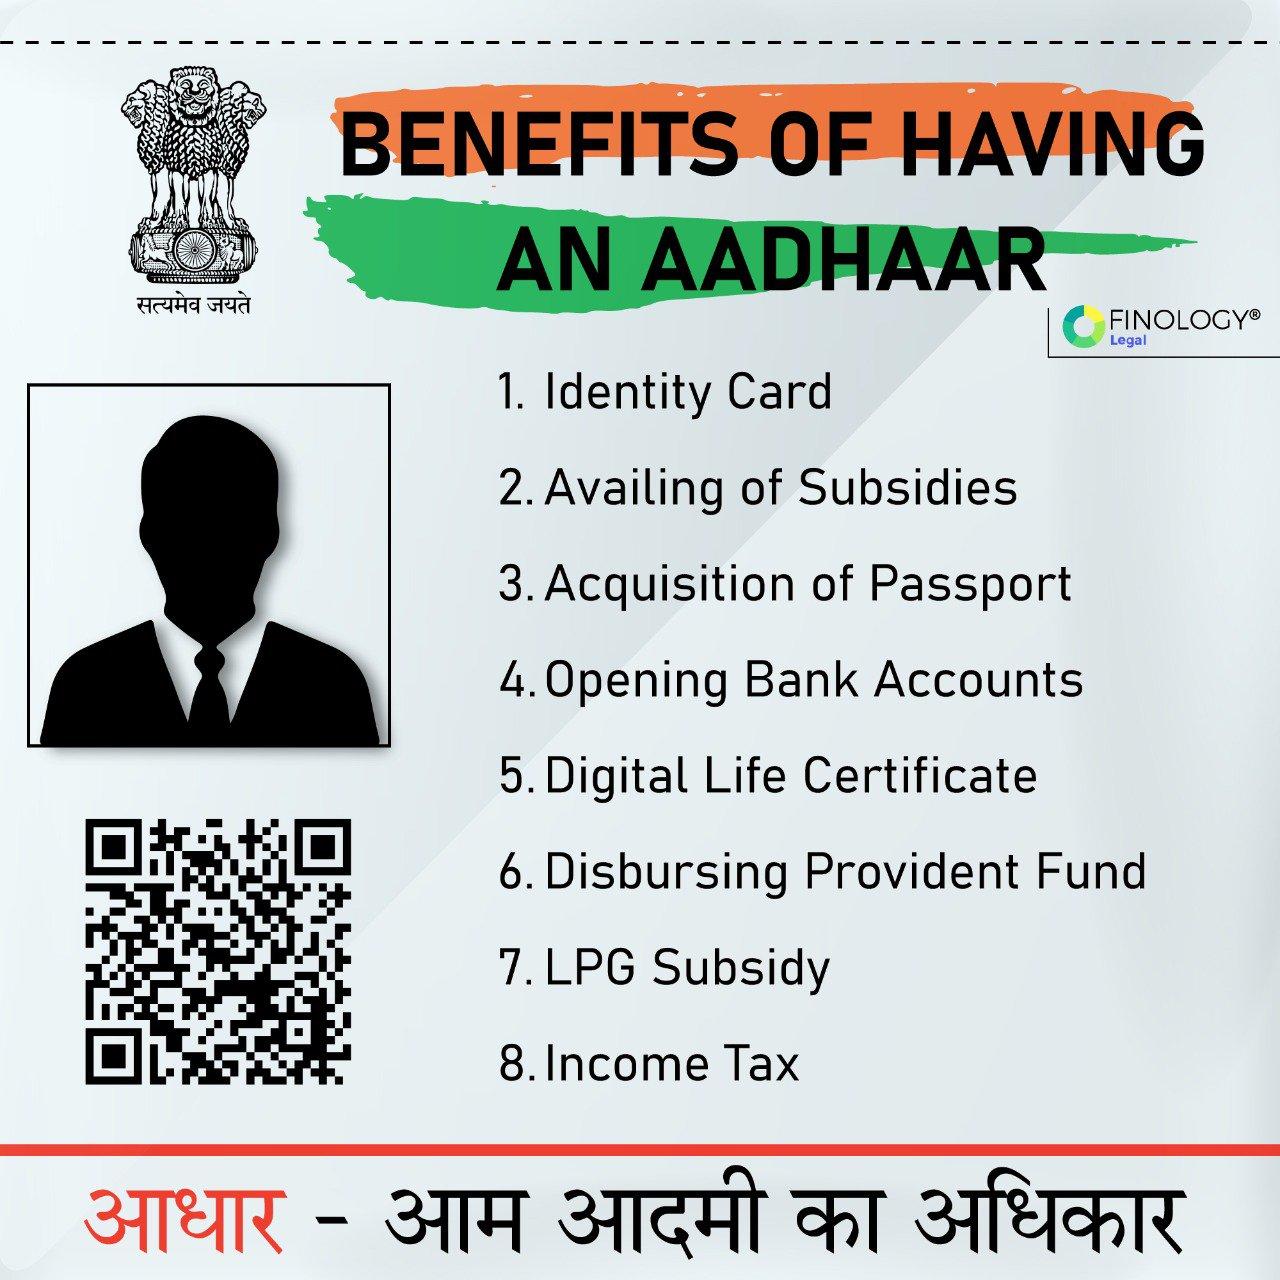 aadhaar verdict